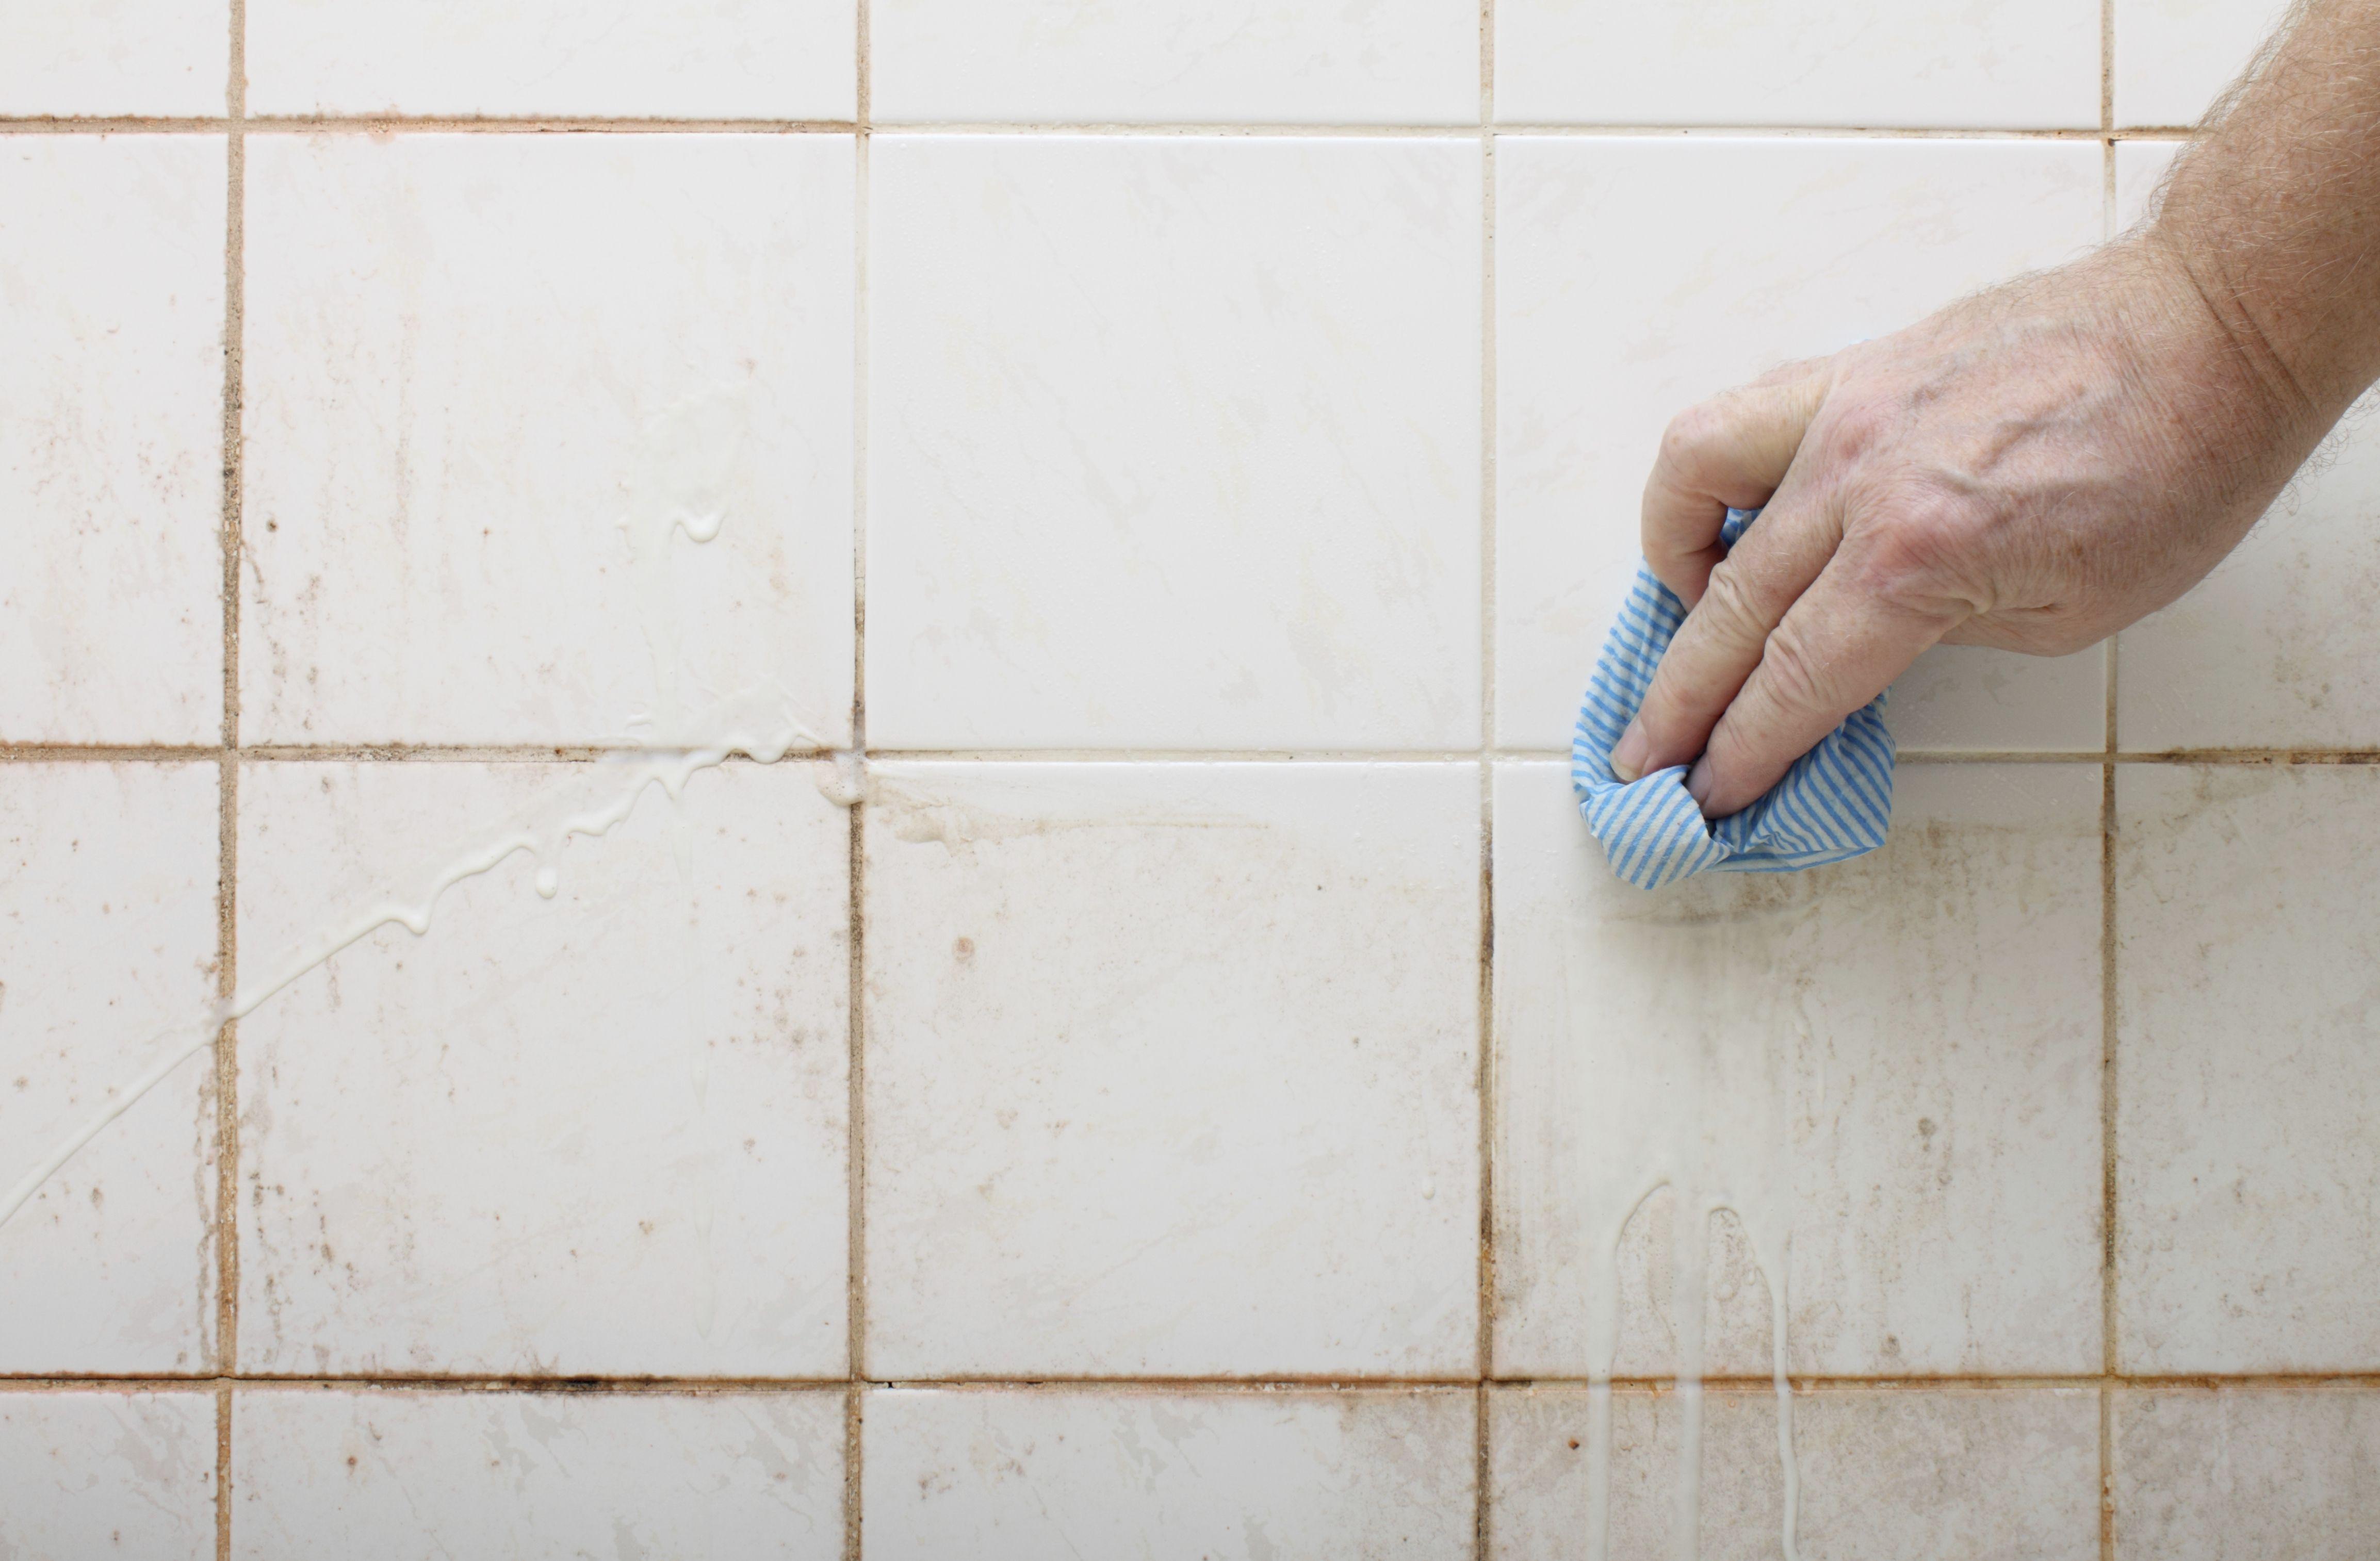 Todo tipo de limpiezas en Vallecas